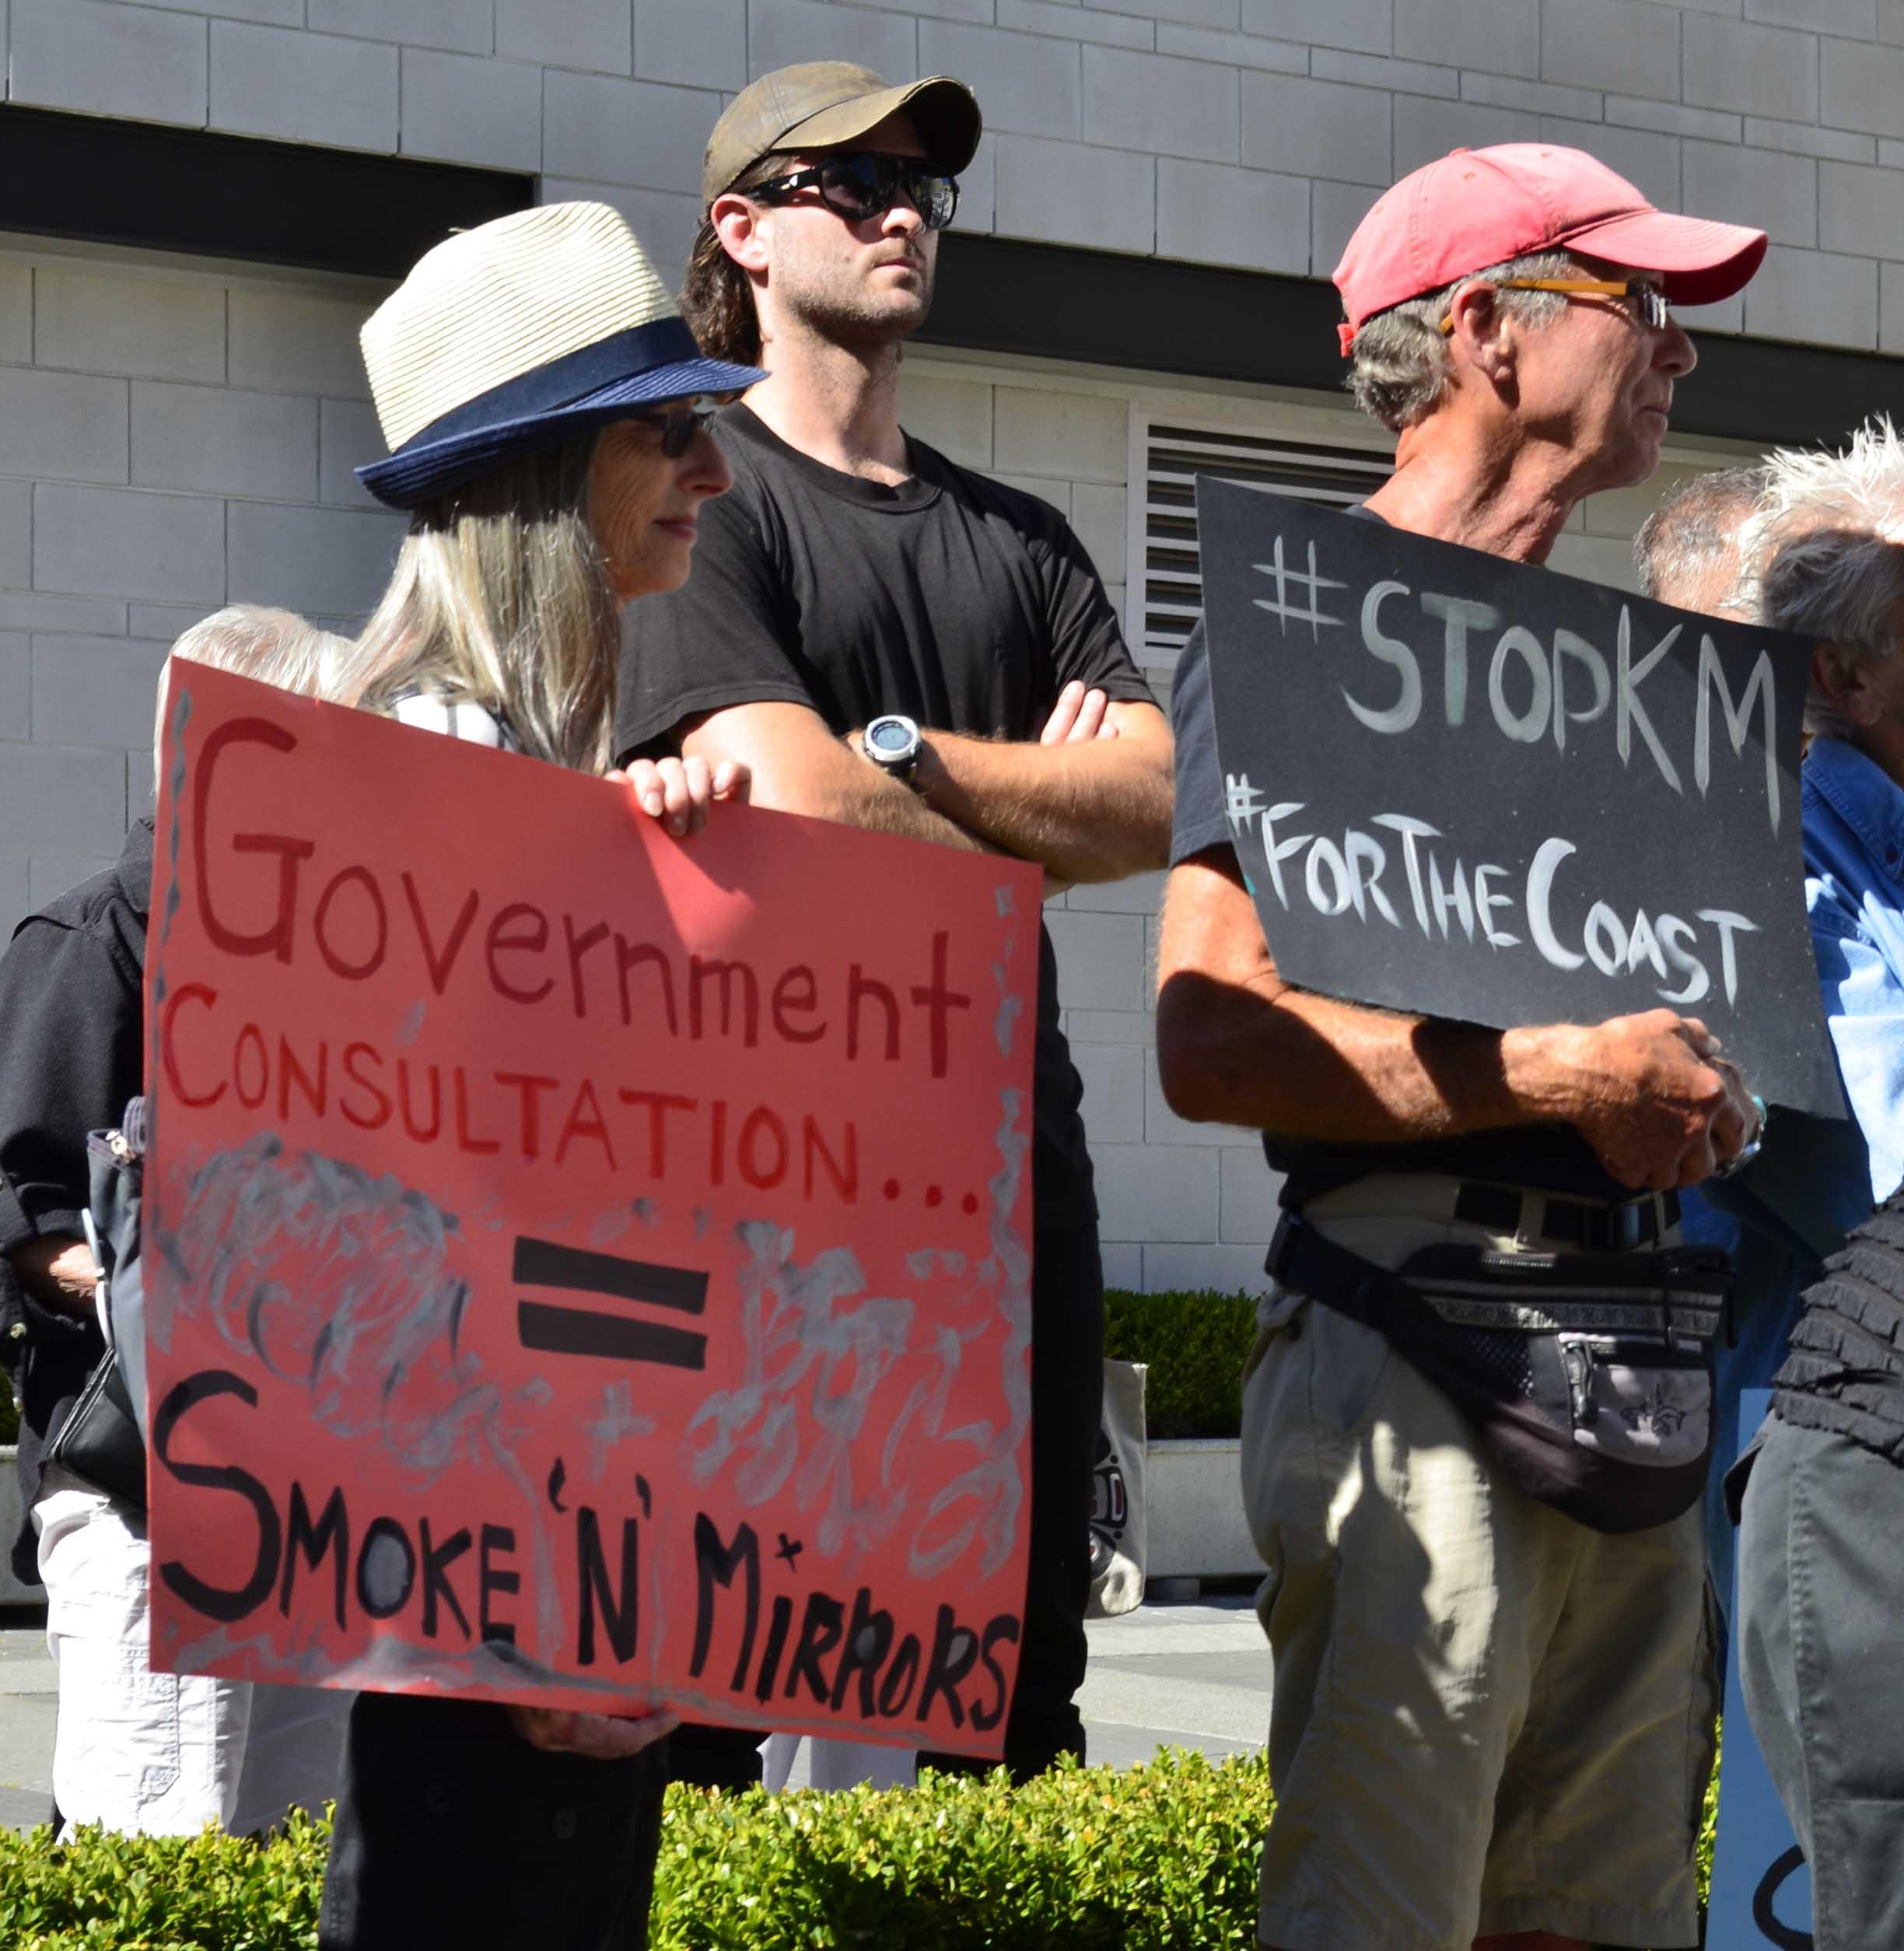 #StopKM rally in Victoria